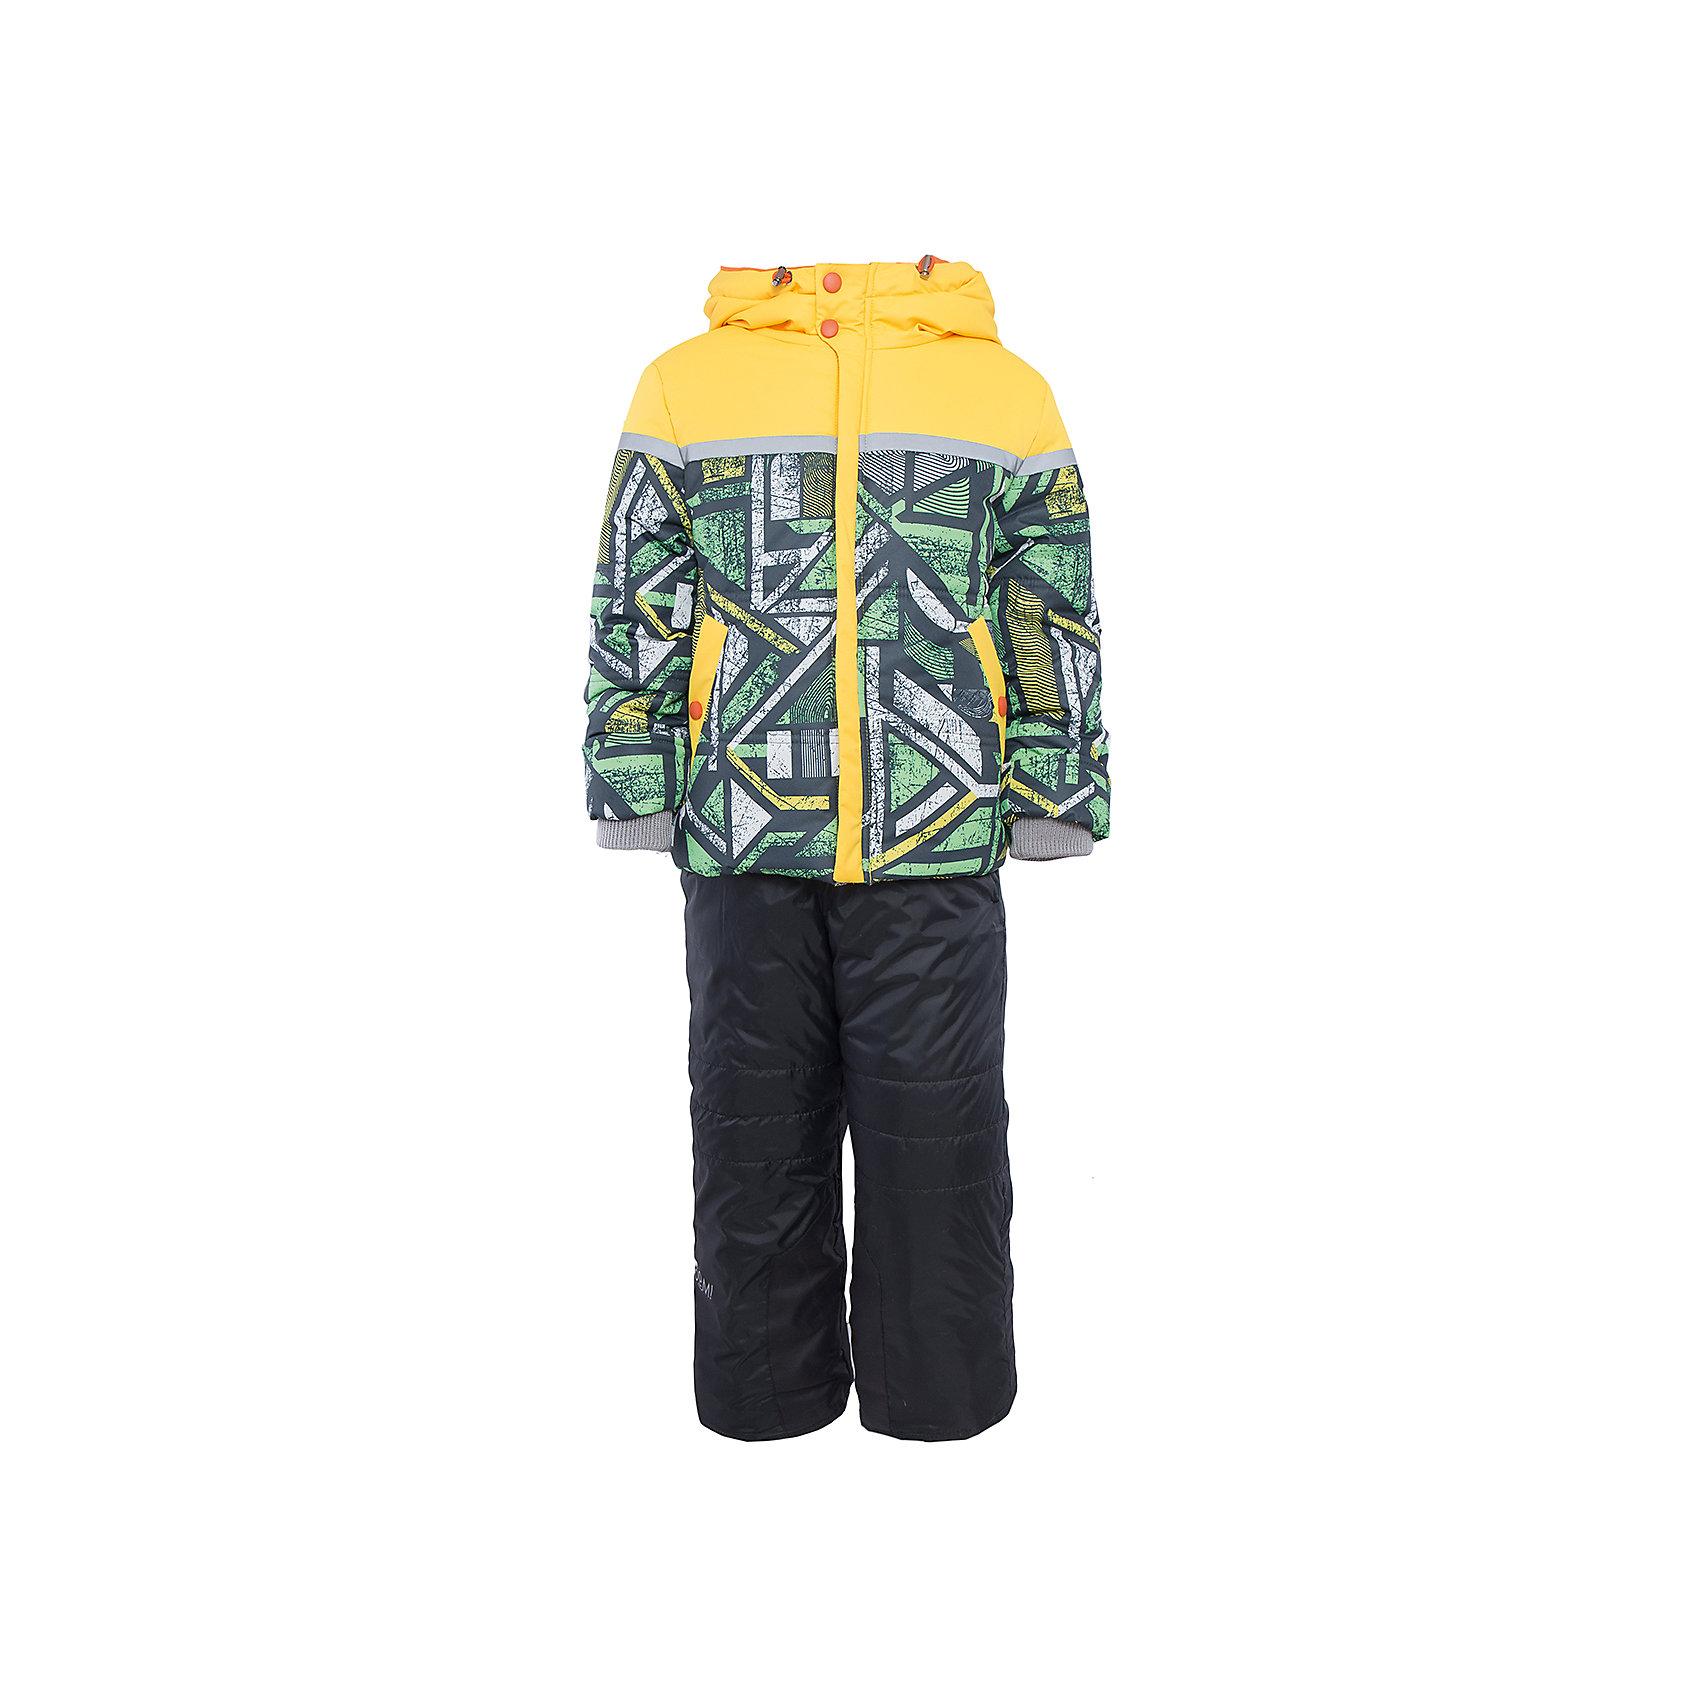 Комплект: куртка и брюки для мальчика BOOM by OrbyХарактеристики изделия:<br><br>- комплектация: куртка, полукомбинезон;<br>- материа л верха: 100% полиэстер;;<br>- подкладка: ПЭ, флис;<br>- утеплитель: эко-синтепон 400 г/м2, 200 г/м2; <br>- фурнитура: металл, пластик;<br>- застежка: молния;<br>- капюшон;<br>- внутренний ветрозащитный клапан;<br>- принт на куртке;<br>- температурный режим до -30°С<br><br><br>В холодный сезон важно одеть ребенка комфортно и тепло. Этот стильный и теплый комплект позволит мальчику наслаждаться зимним отдыхом, не боясь замерзнуть, и выглядеть при этом очень симпатично.<br>Теплая куртка плотно сидит благодаря манжетам и надежным застежкам. Она смотрится очень эффектно благодаря стильному принту. Полукомбинезон дополнен регулируемыми лямками, карманами и манжетами.<br><br>Комплект: курта и брюки для мальчика от бренда BOOM by Orby можно купить в нашем магазине.<br><br>Ширина мм: 215<br>Глубина мм: 88<br>Высота мм: 191<br>Вес г: 336<br>Цвет: зеленый<br>Возраст от месяцев: 24<br>Возраст до месяцев: 36<br>Пол: Мужской<br>Возраст: Детский<br>Размер: 98,122,92,86,104,110,116<br>SKU: 4982754